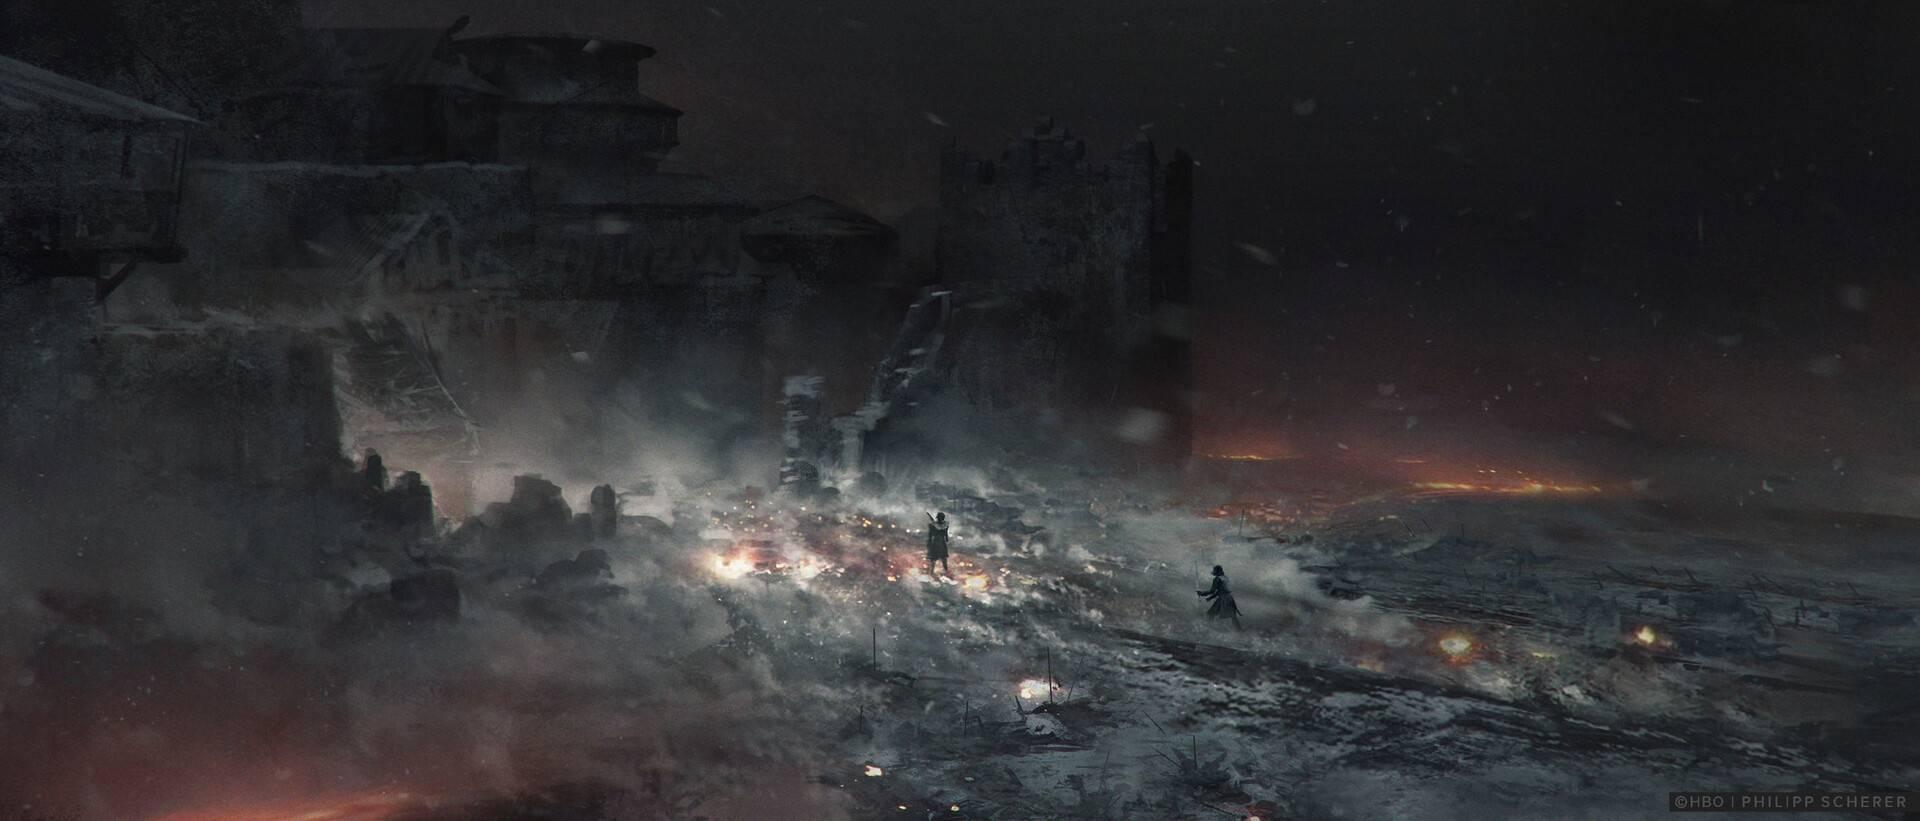 Концепт-арт: иллюстрации к восьмому сезону «Игры престолов» 5